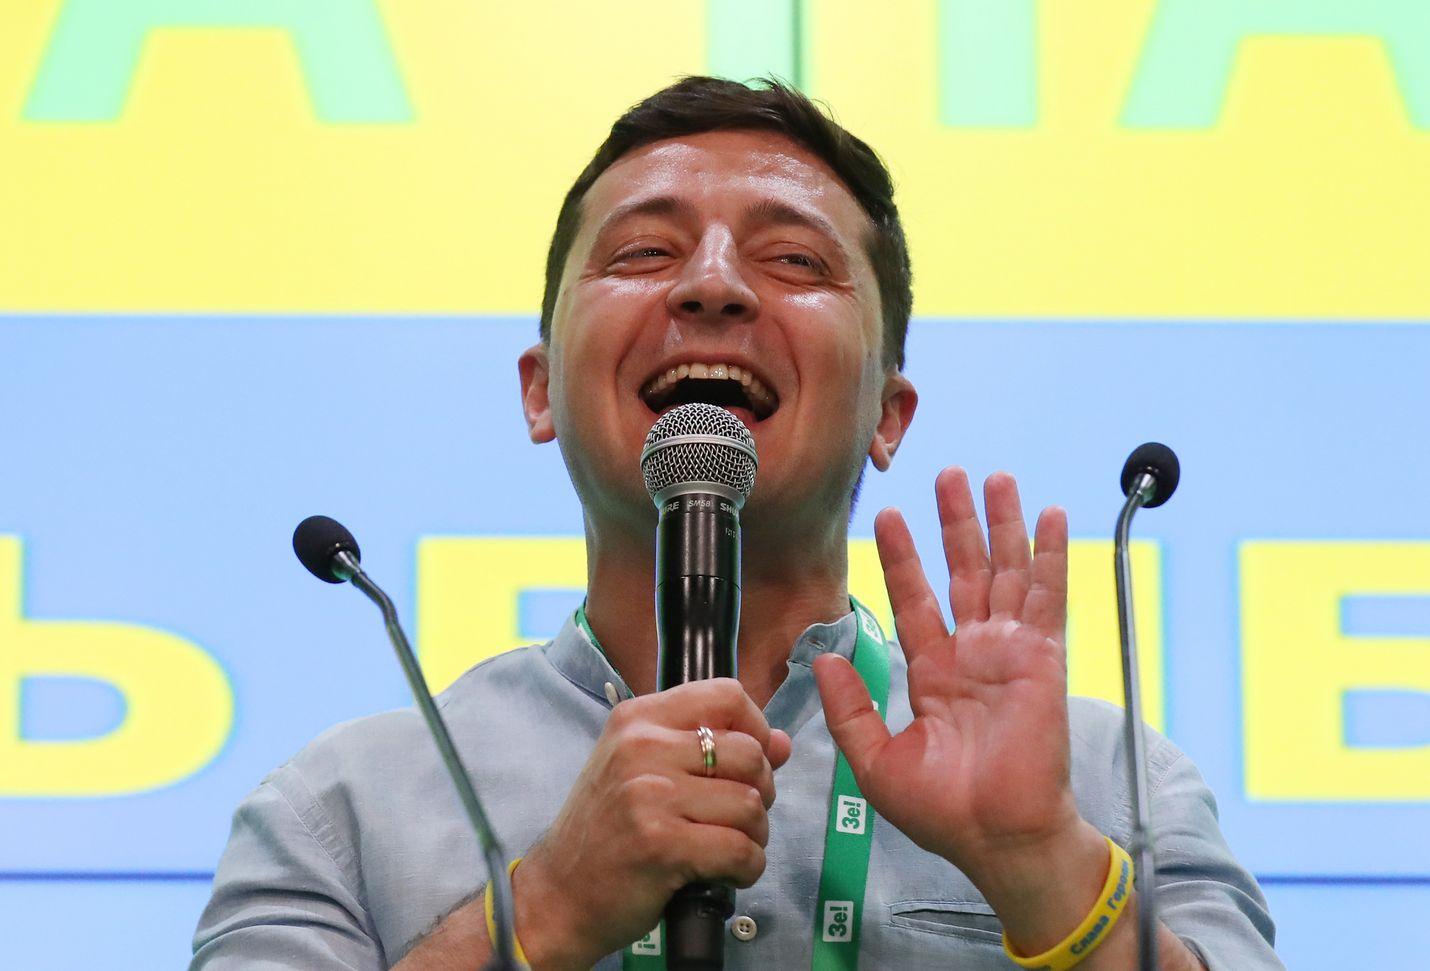 Ukrainan presidentti Volodymyr Zelenskyi on luvannut muun muassa kitkeä korruptiota ja tehdä talousuudituksia.